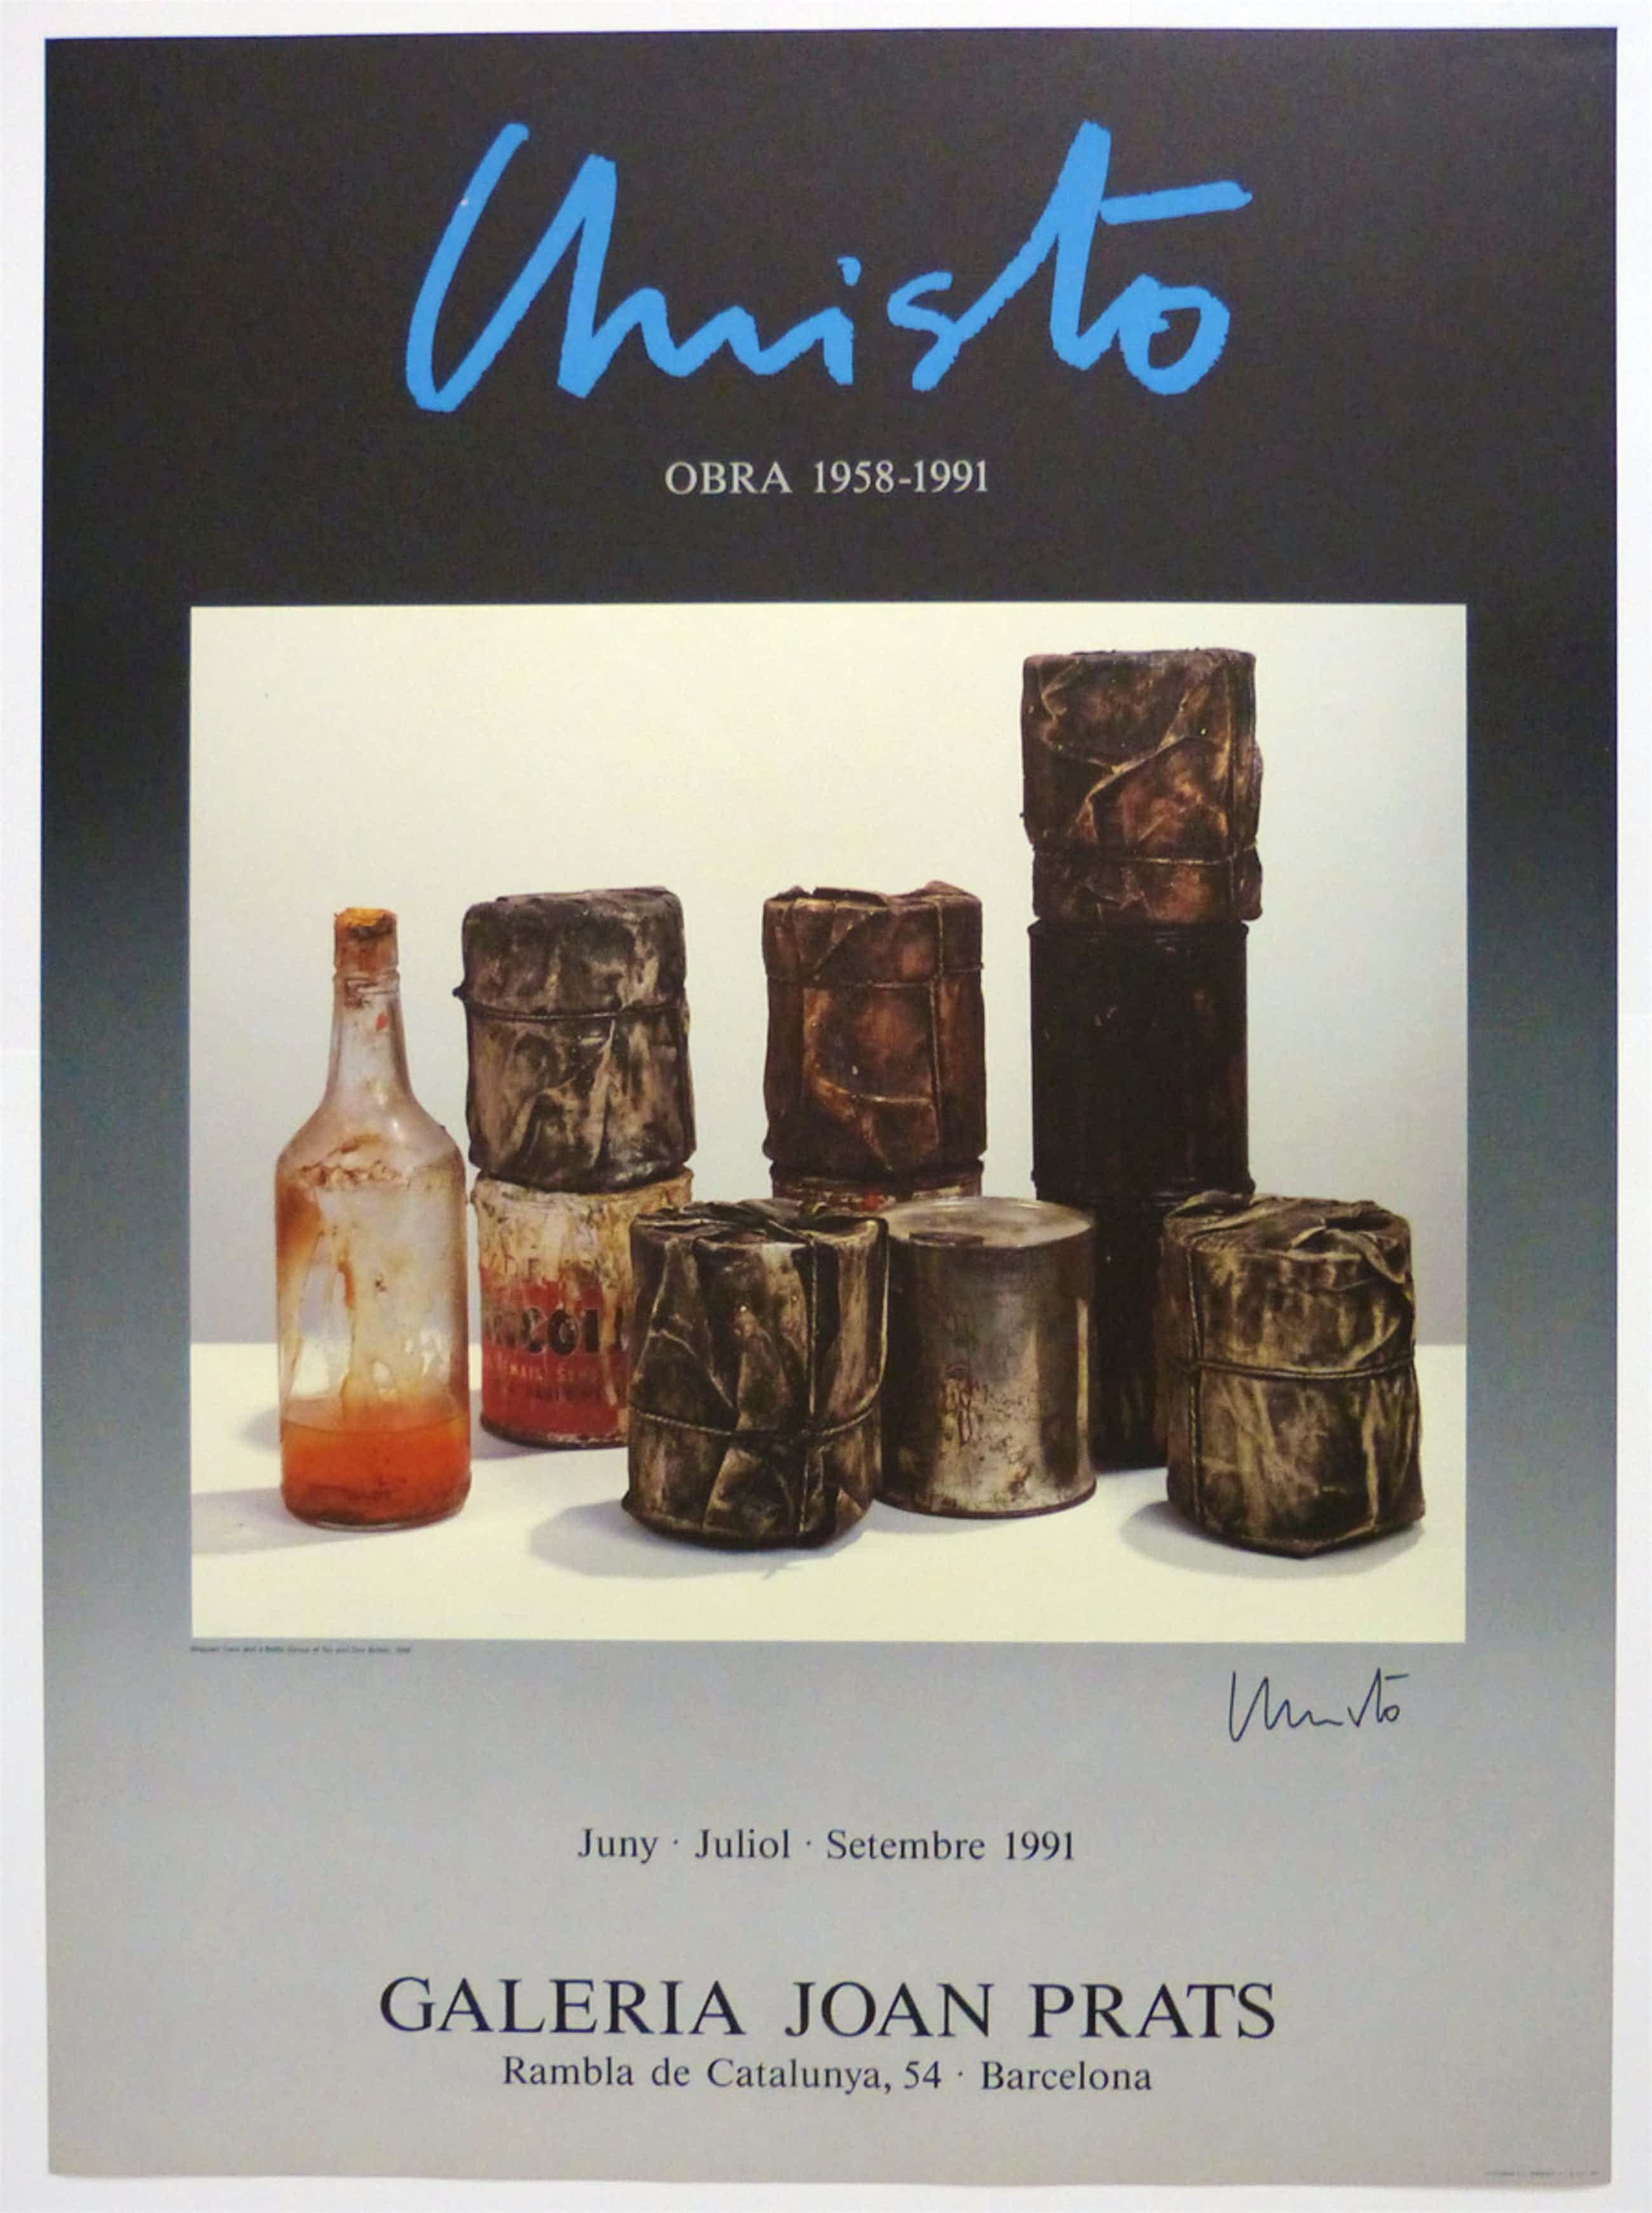 Christo - Bottle and Cans - Joan Prats Barcelona kopen? Bied vanaf 150!